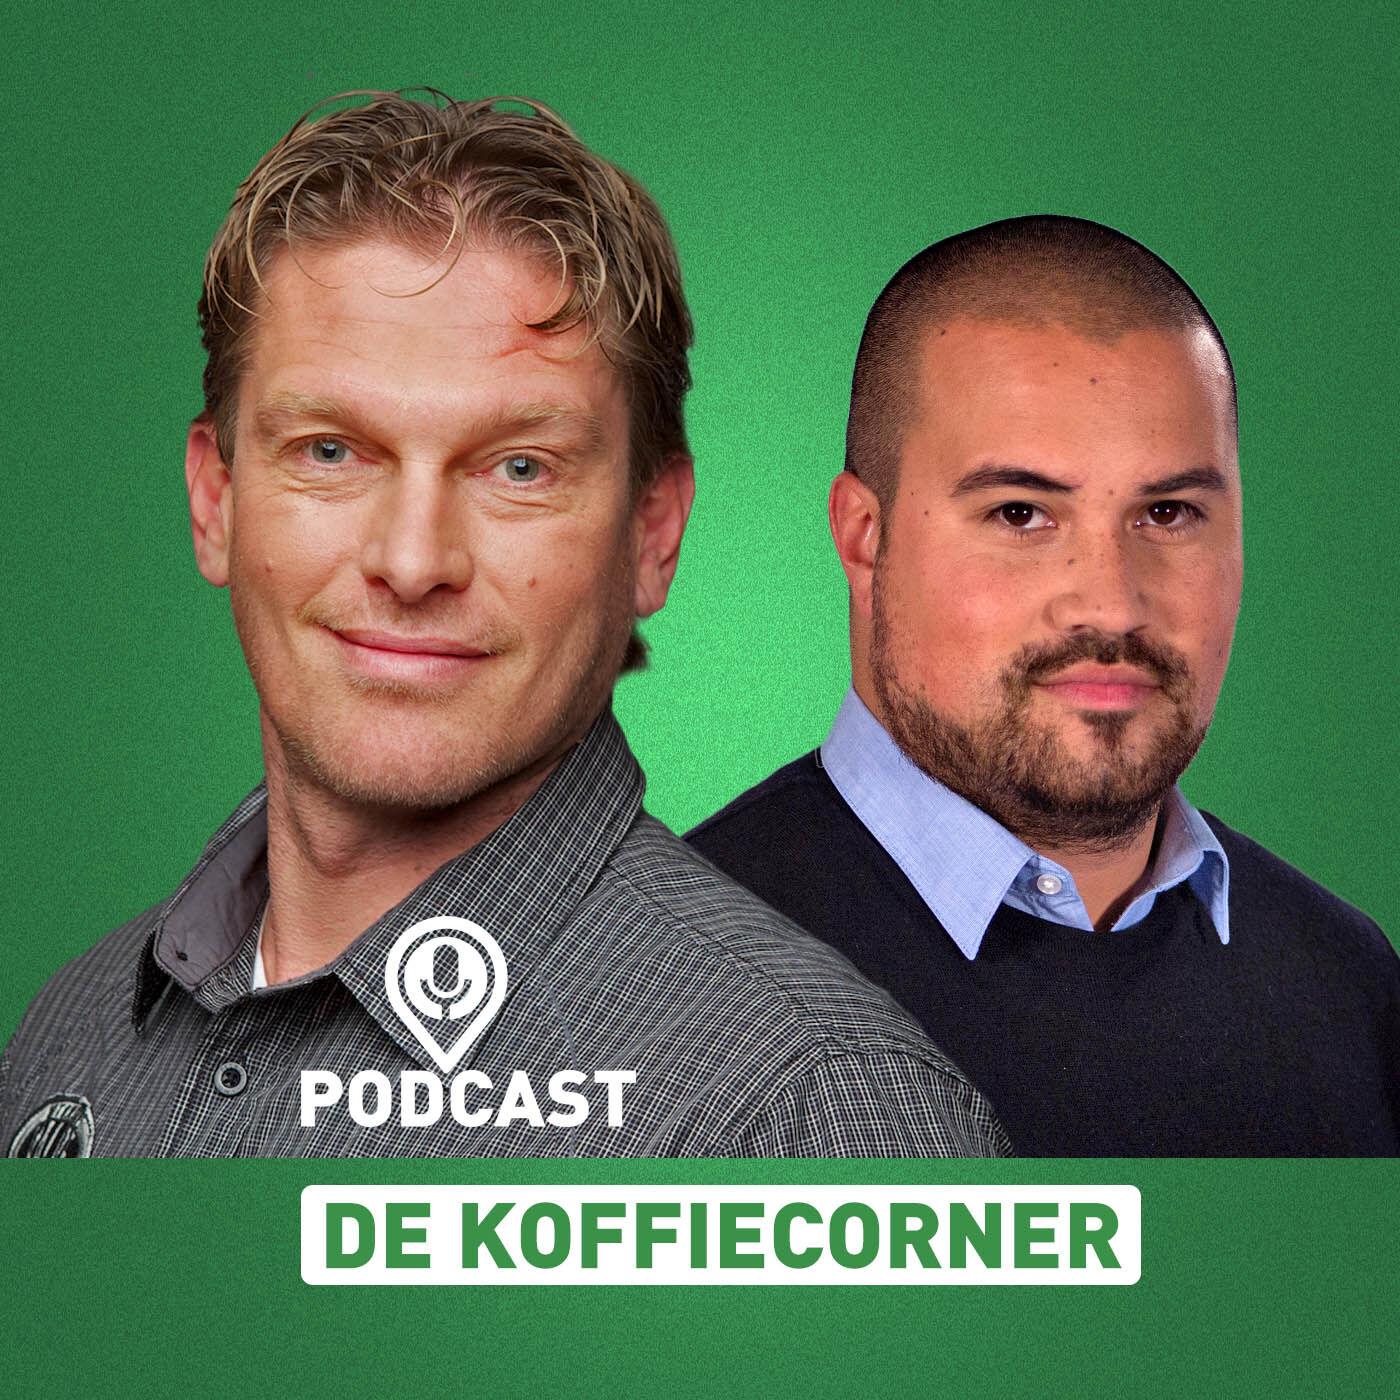 De Koffiecorner #92 'De tactiek tegen Ajax kan niet in elke wedstrijd!'